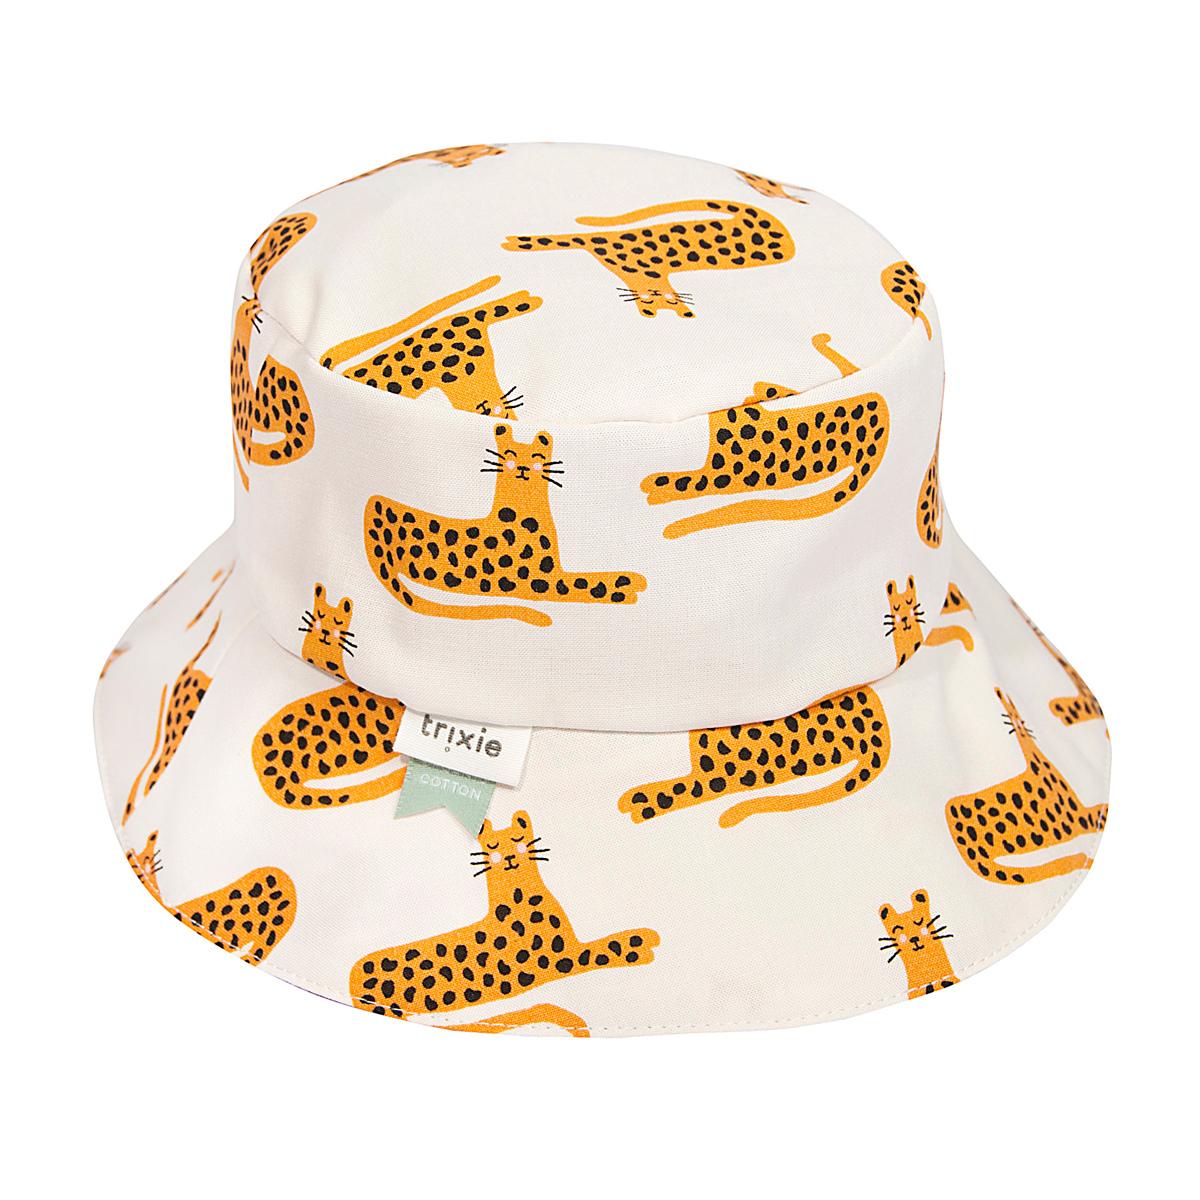 Accessoires bébé Chapeau de Soleil Cheetah - 12/18 Mois Chapeau de Soleil Cheetah - 12/18 Mois